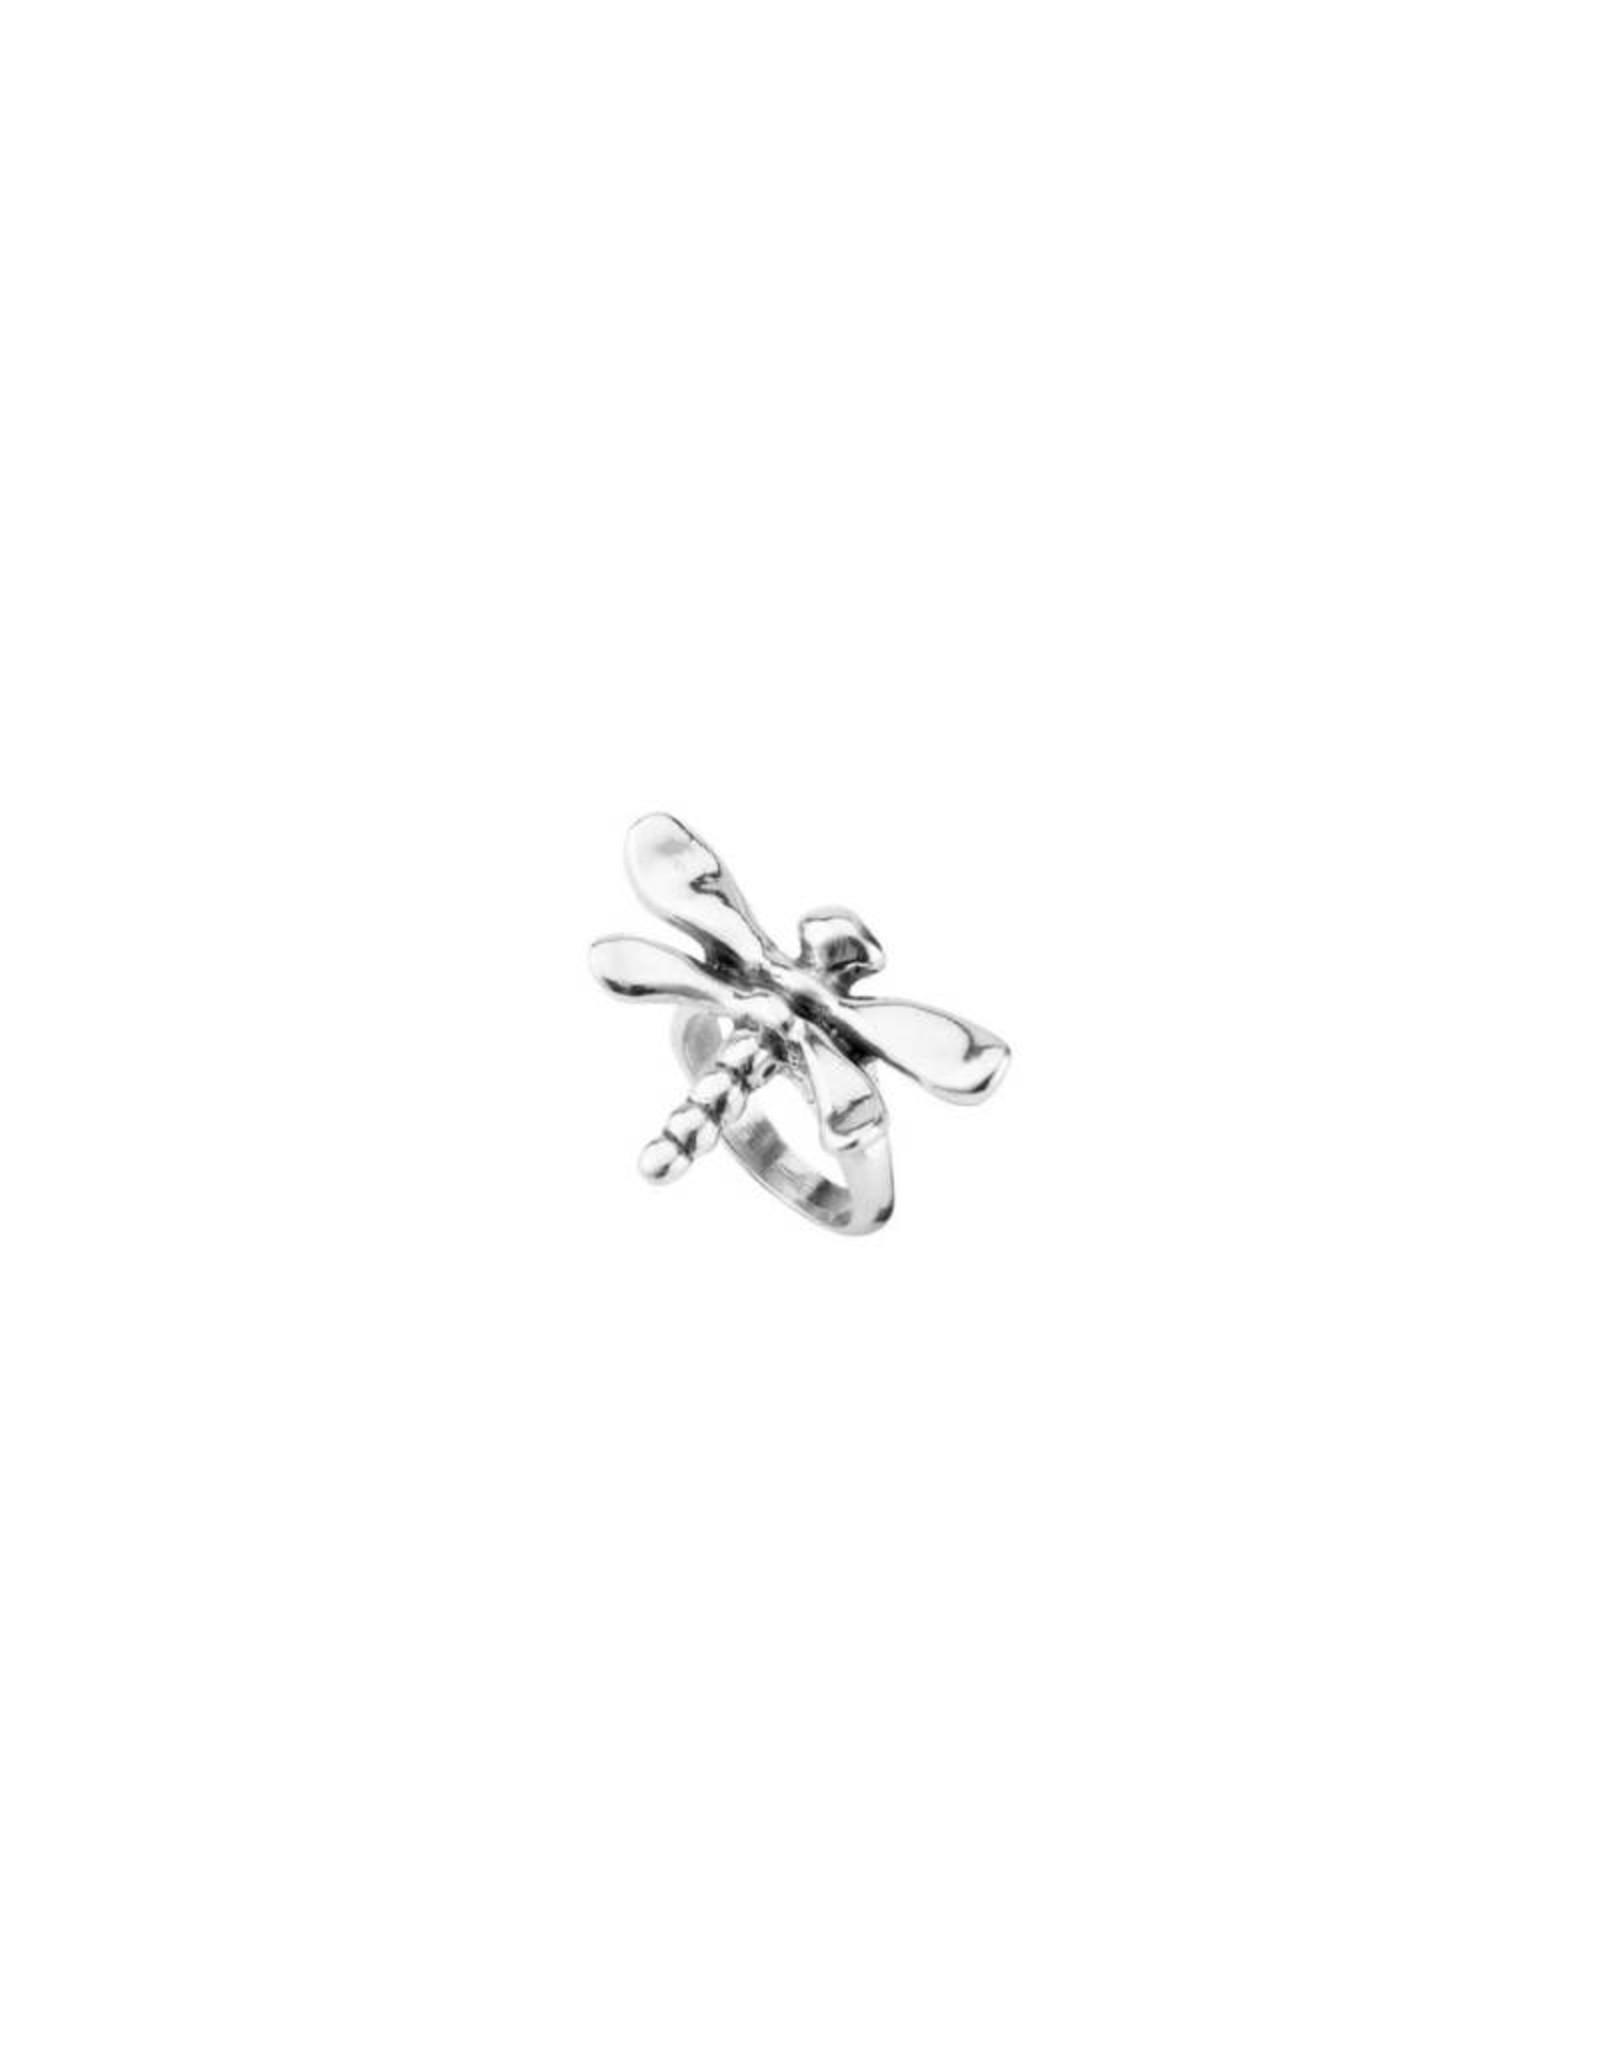 Uno de 50 My Dragonfly Ring